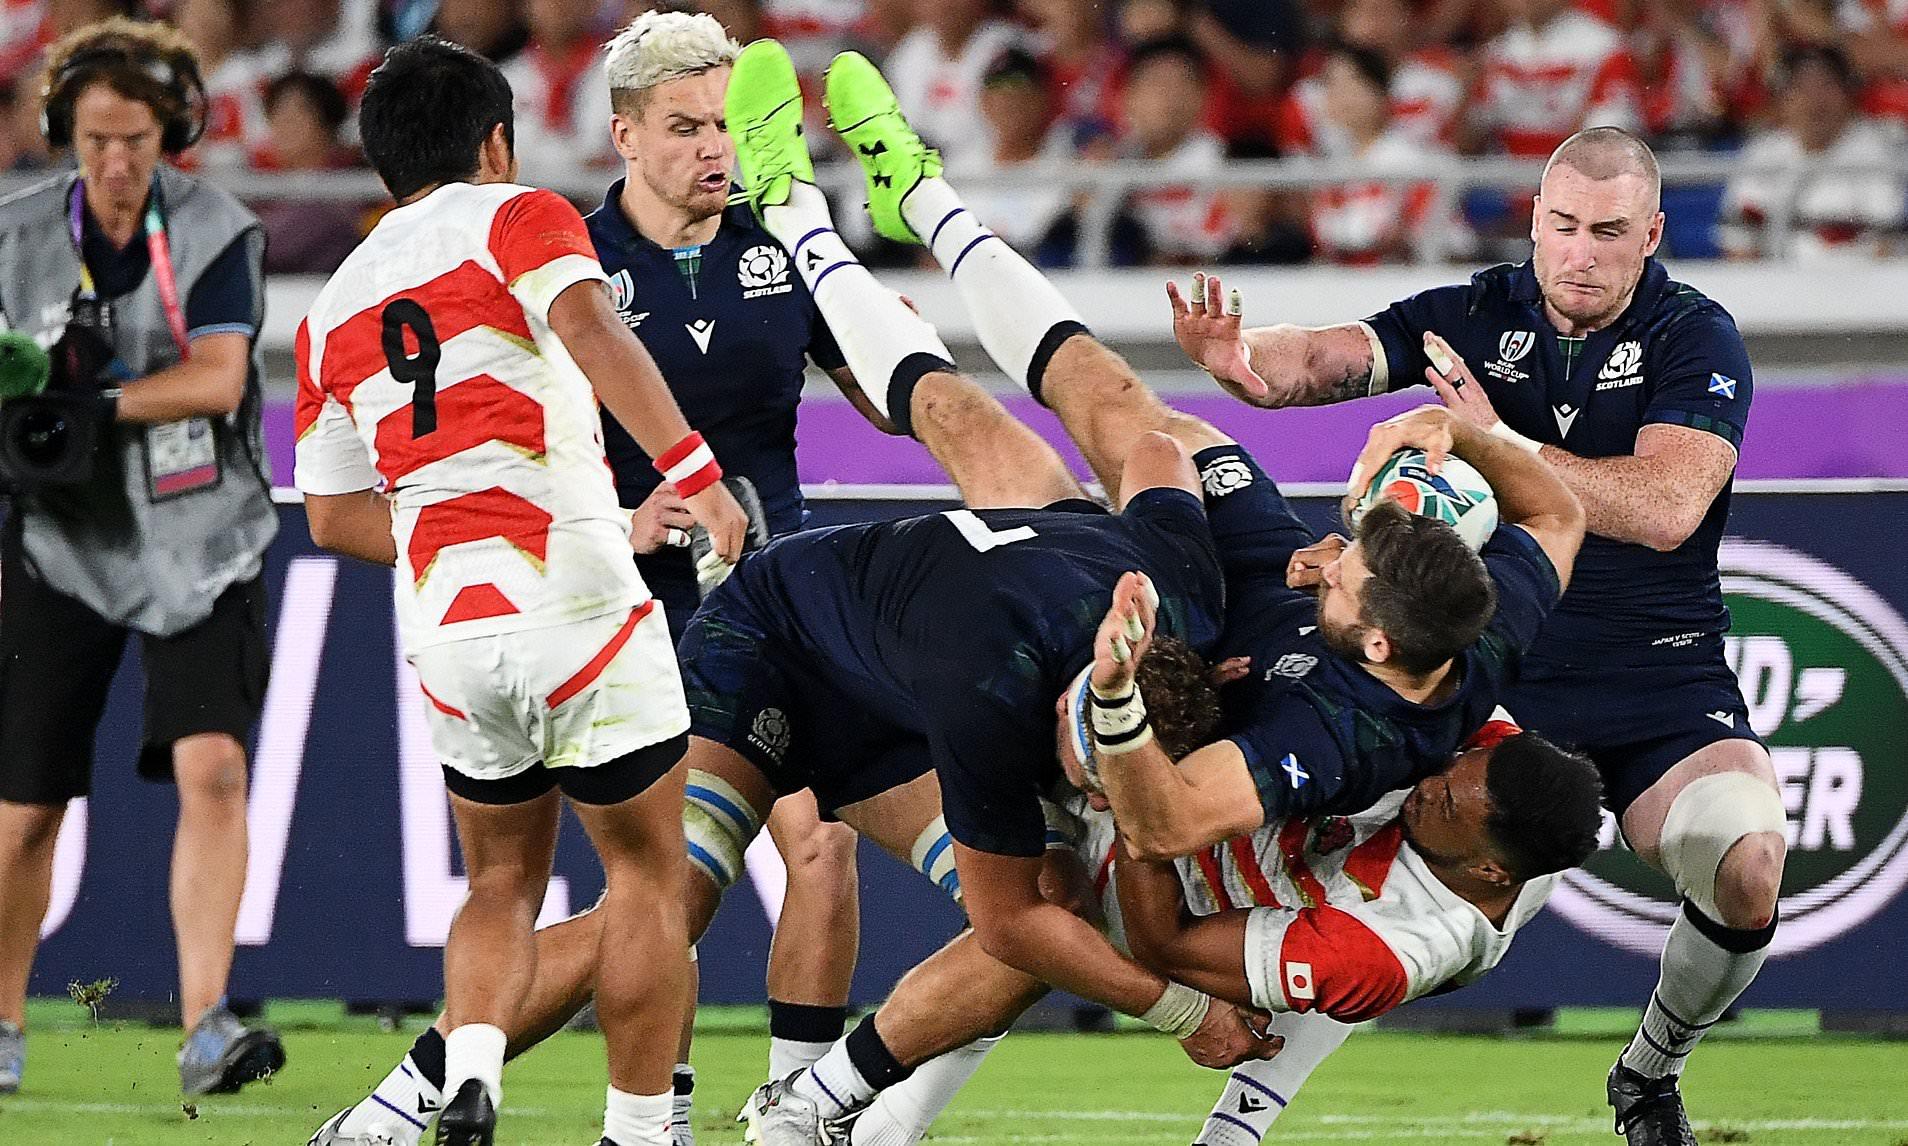 World rugby dey para for SRU